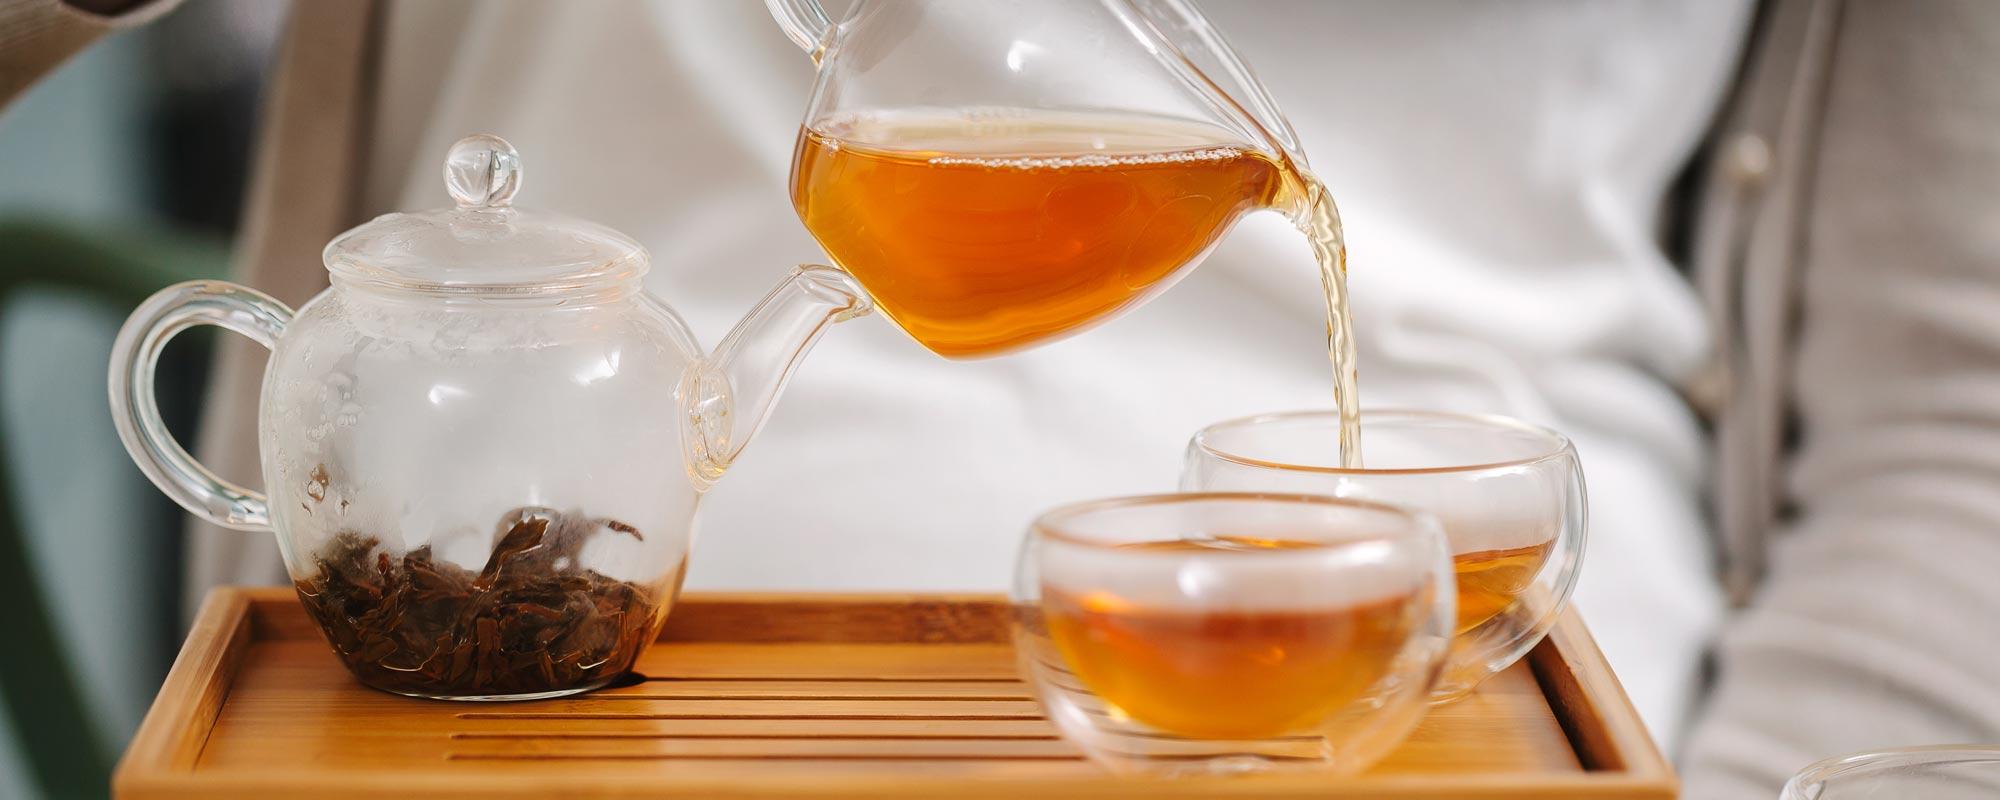 pour-tea-into-cups_lifestyle_blog